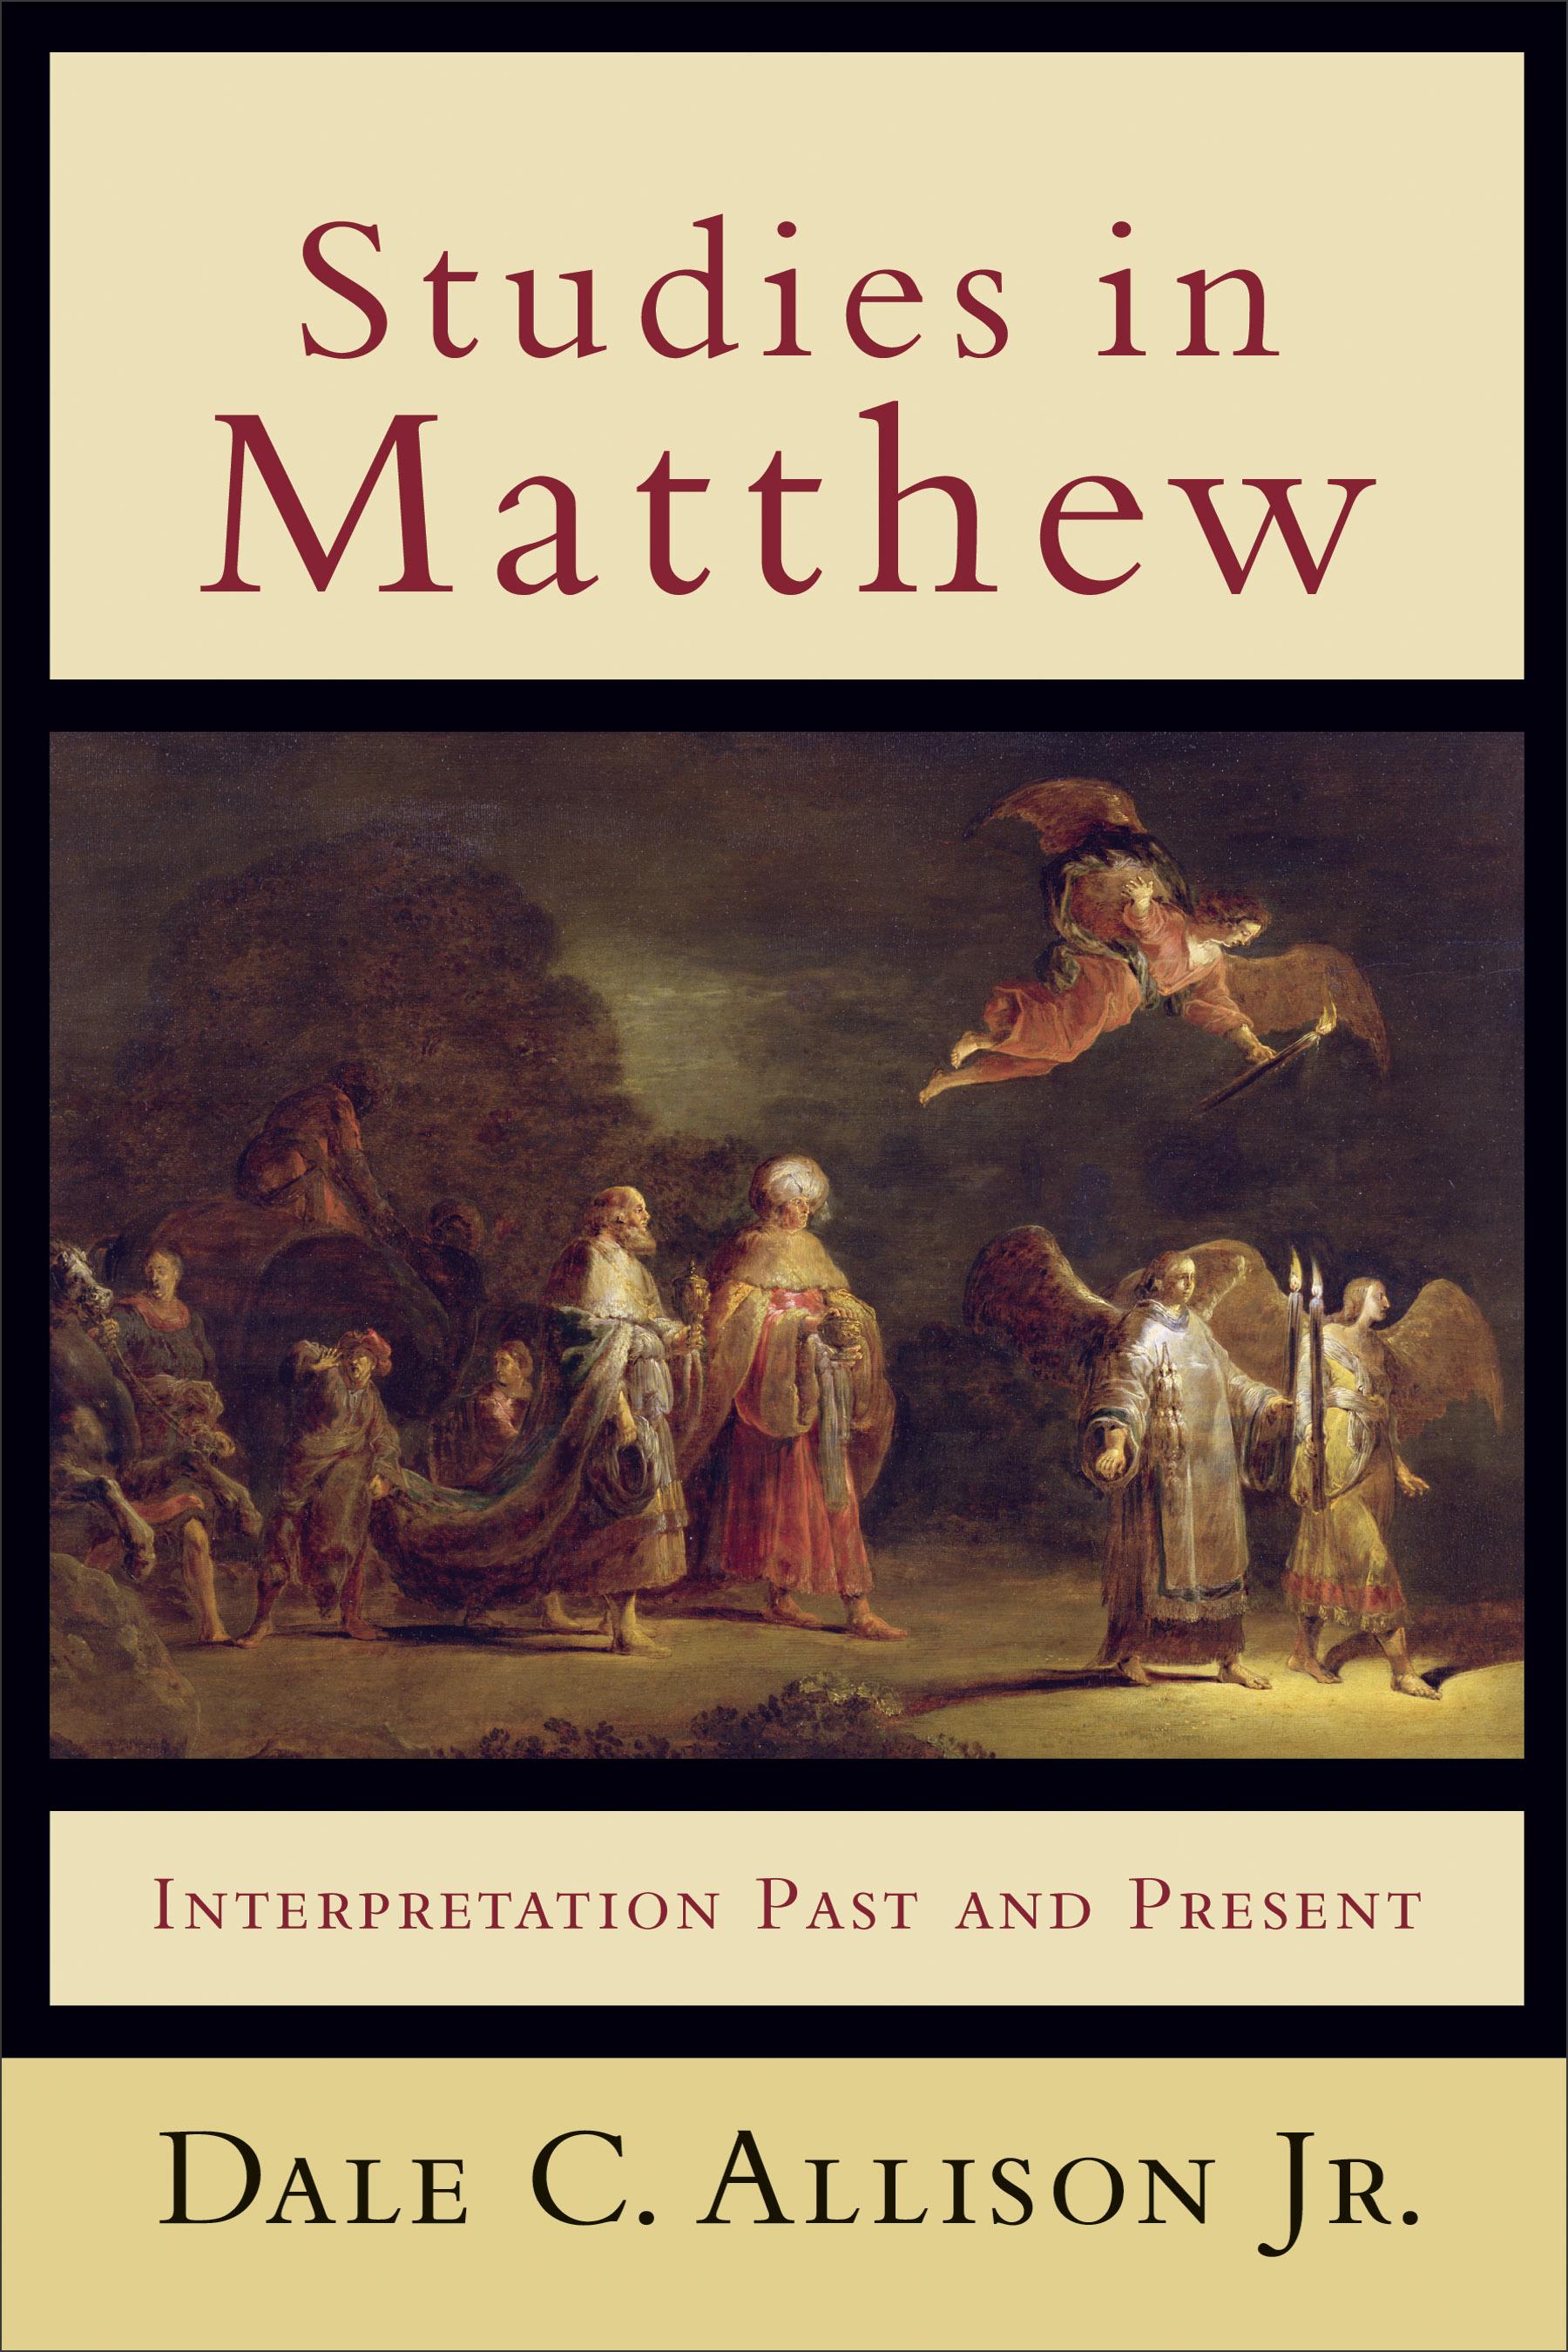 matthews sermon on the mount essay